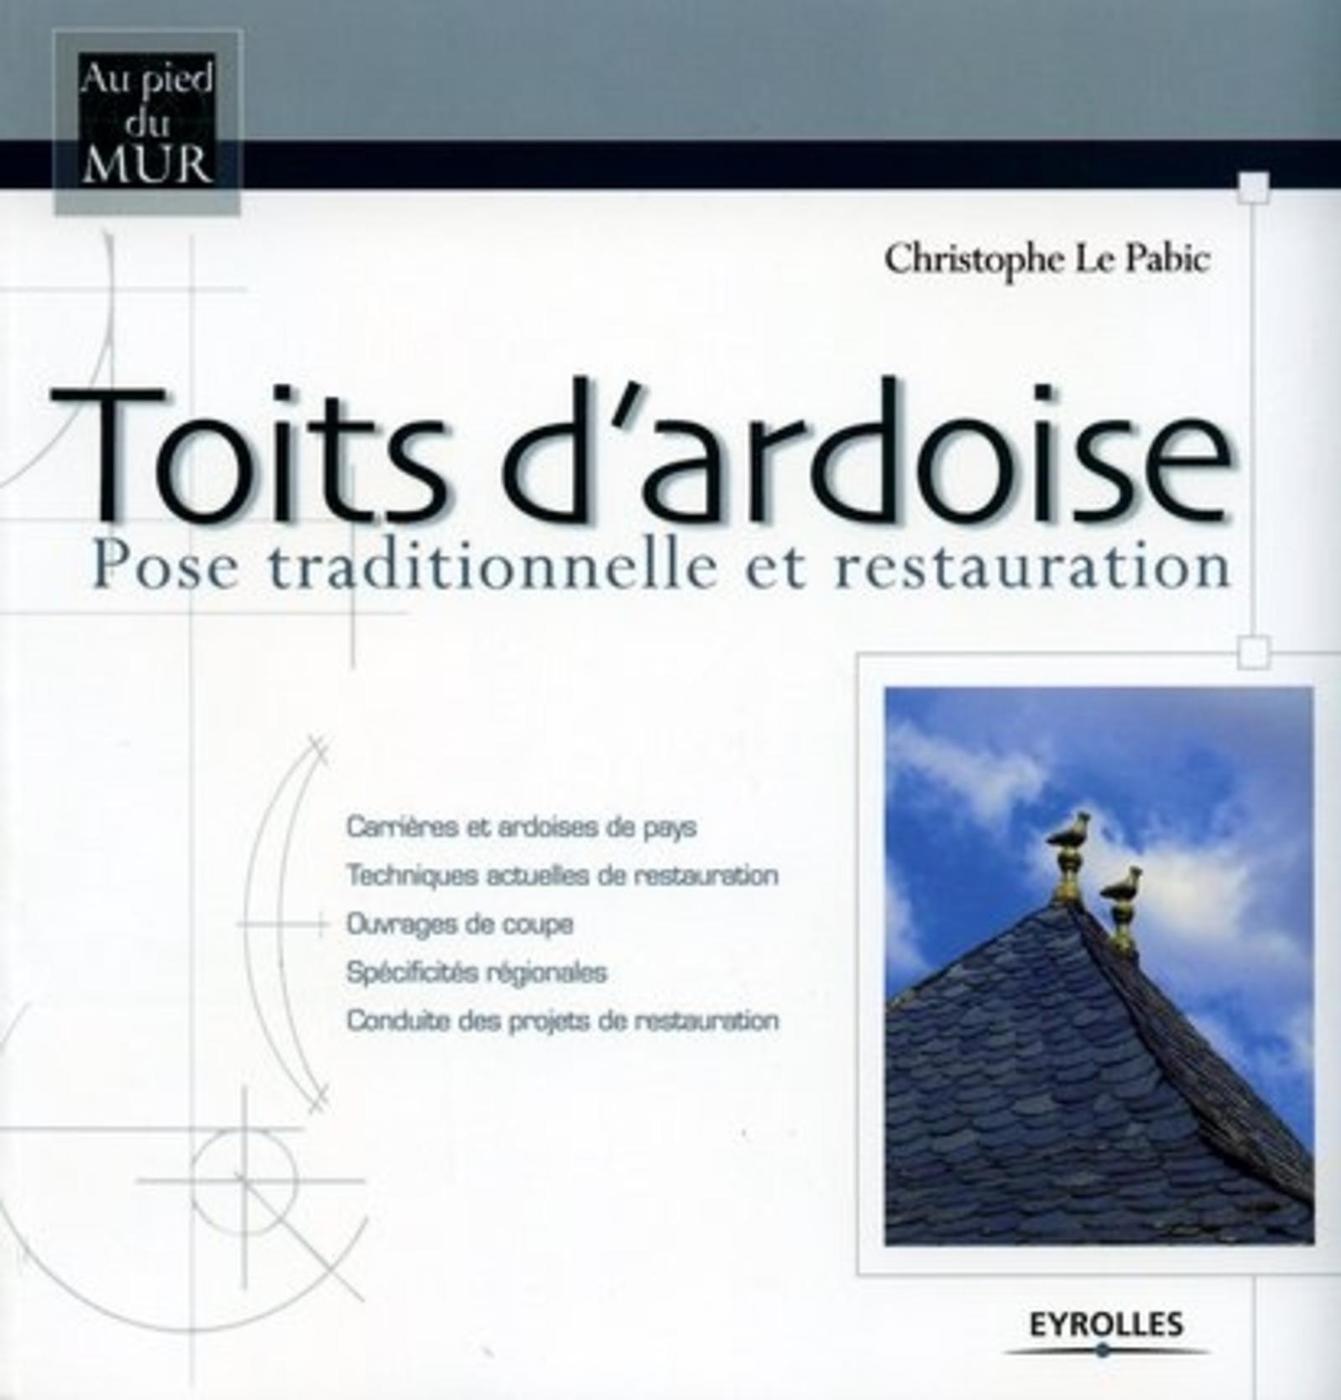 Comment Poser Des Ardoises toits d'ardoises-pose traditionnelle et restauration - c.le pabic -  librairie eyrolles